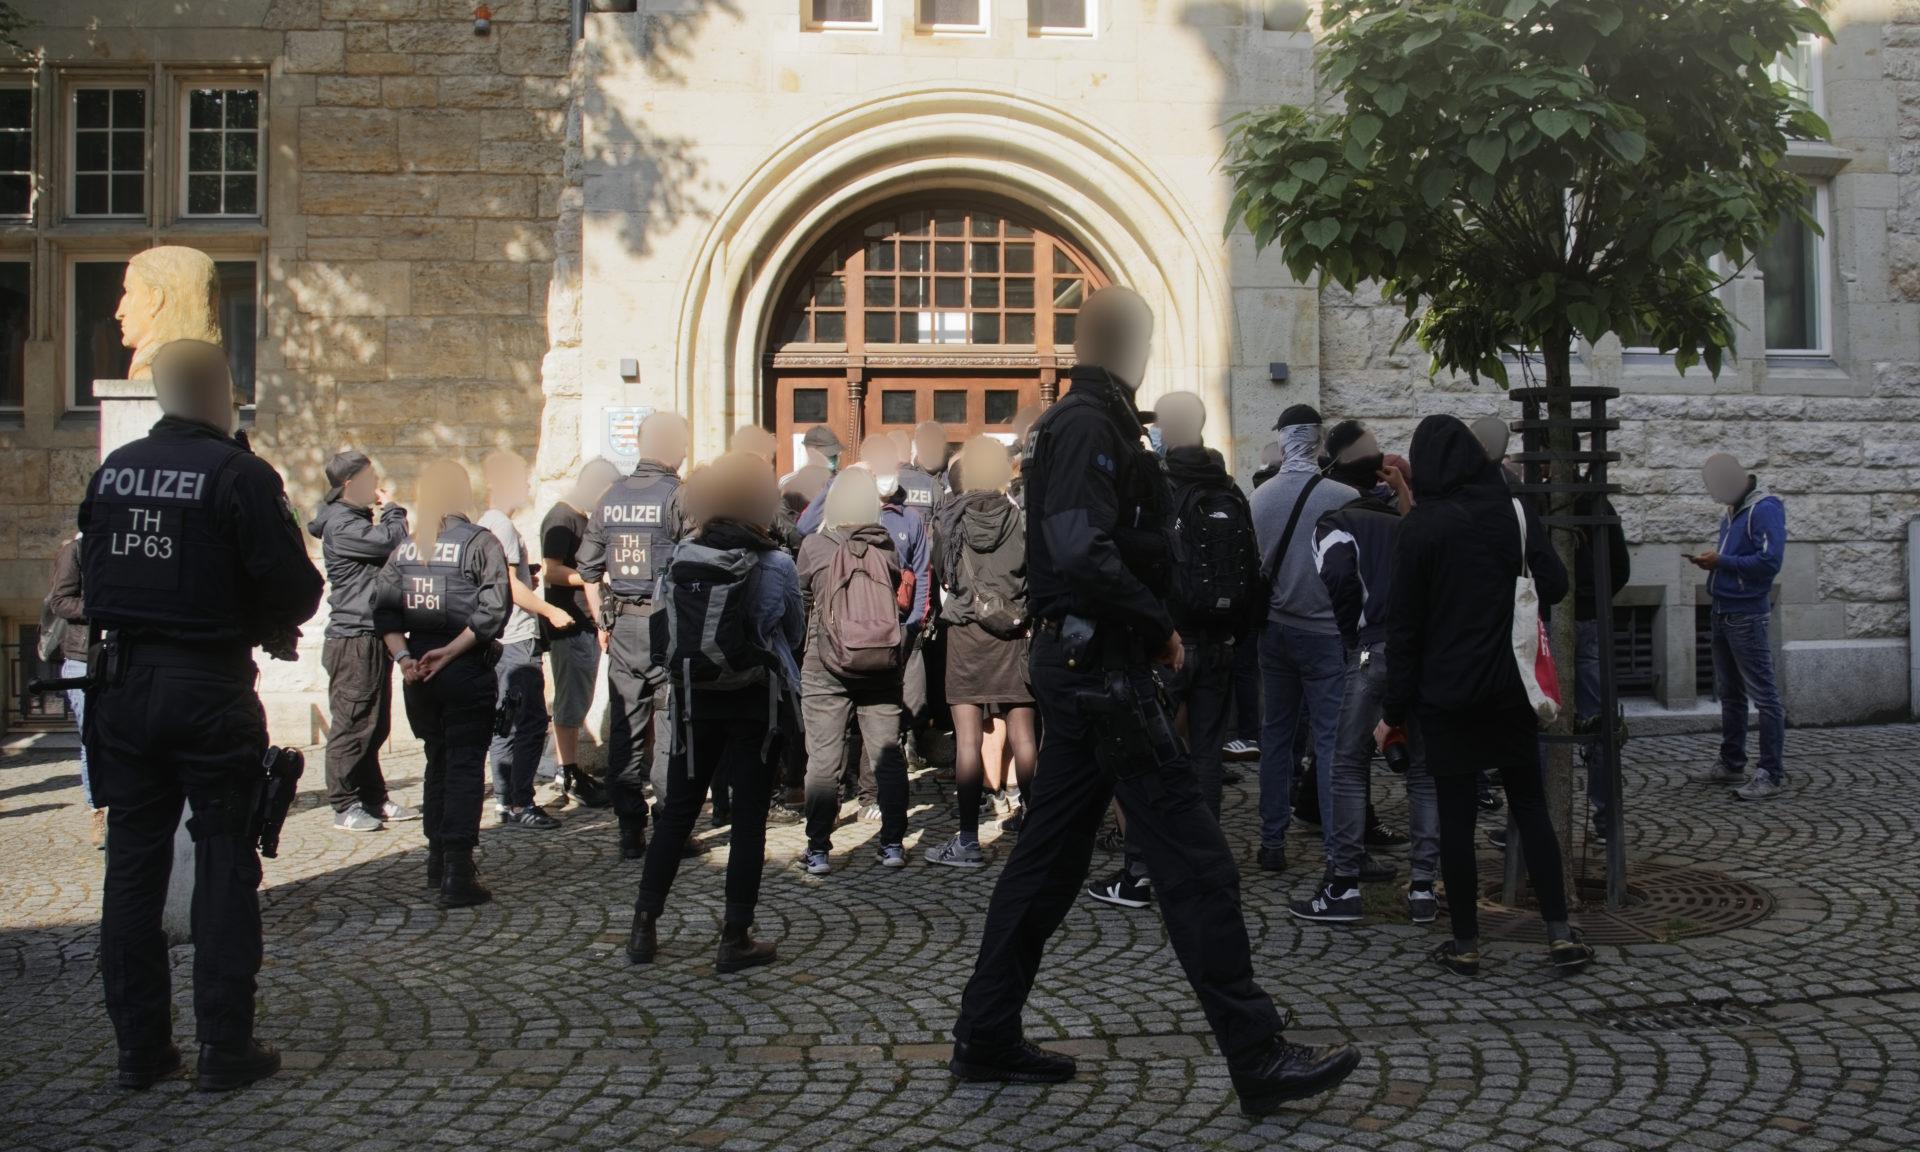 Gastbeitrag: Fotograf bei Naziprozess behindert – hat die Thüringer Polizei ein strukturelles Problem mit der Pressefreiheit?